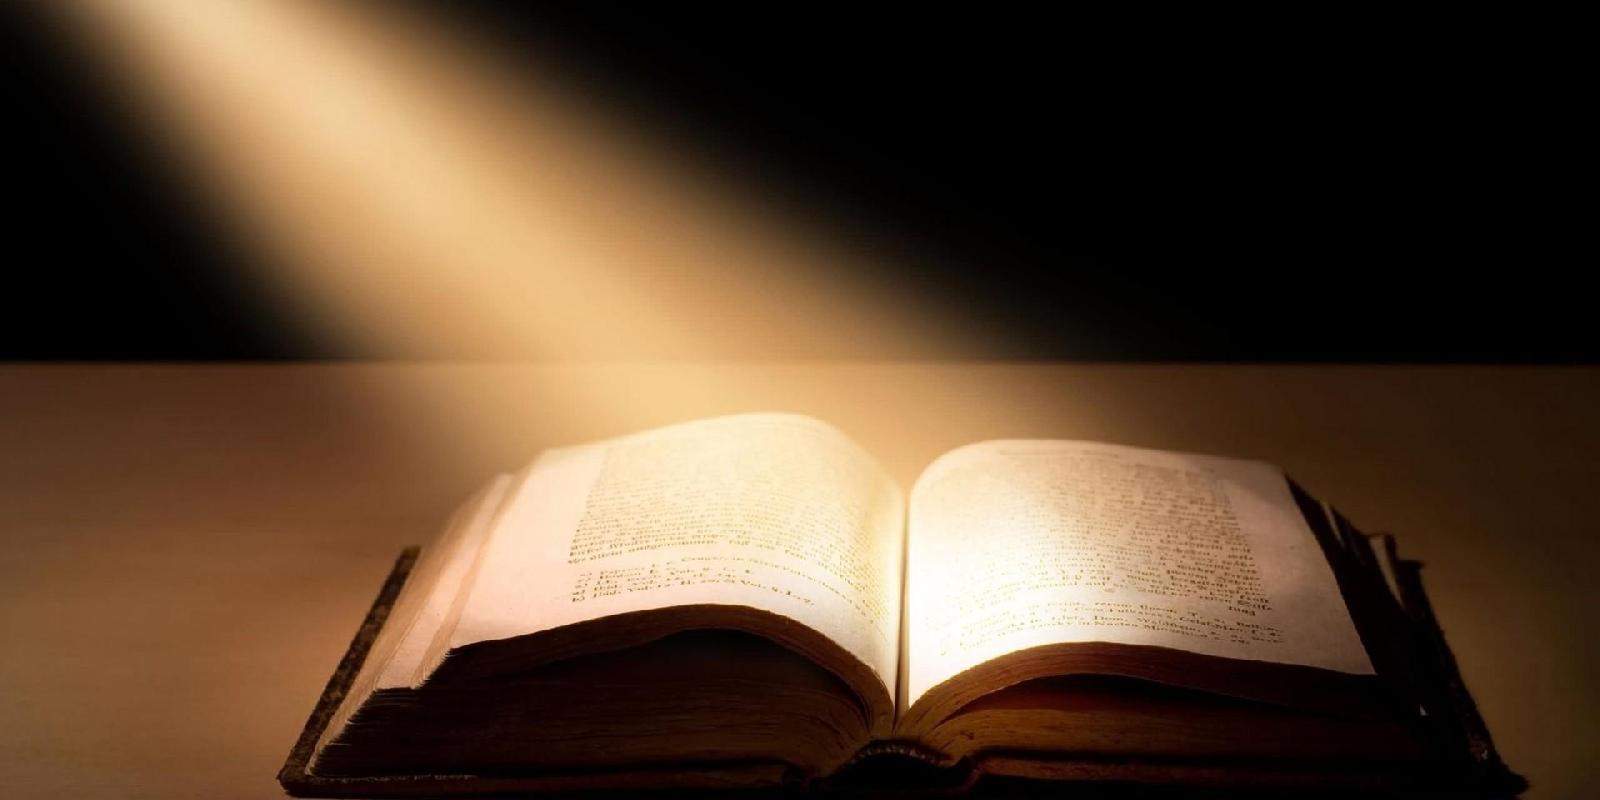 Aspectos históricos e literários da Bíblia: O Cânon (lista de livros oficiais)